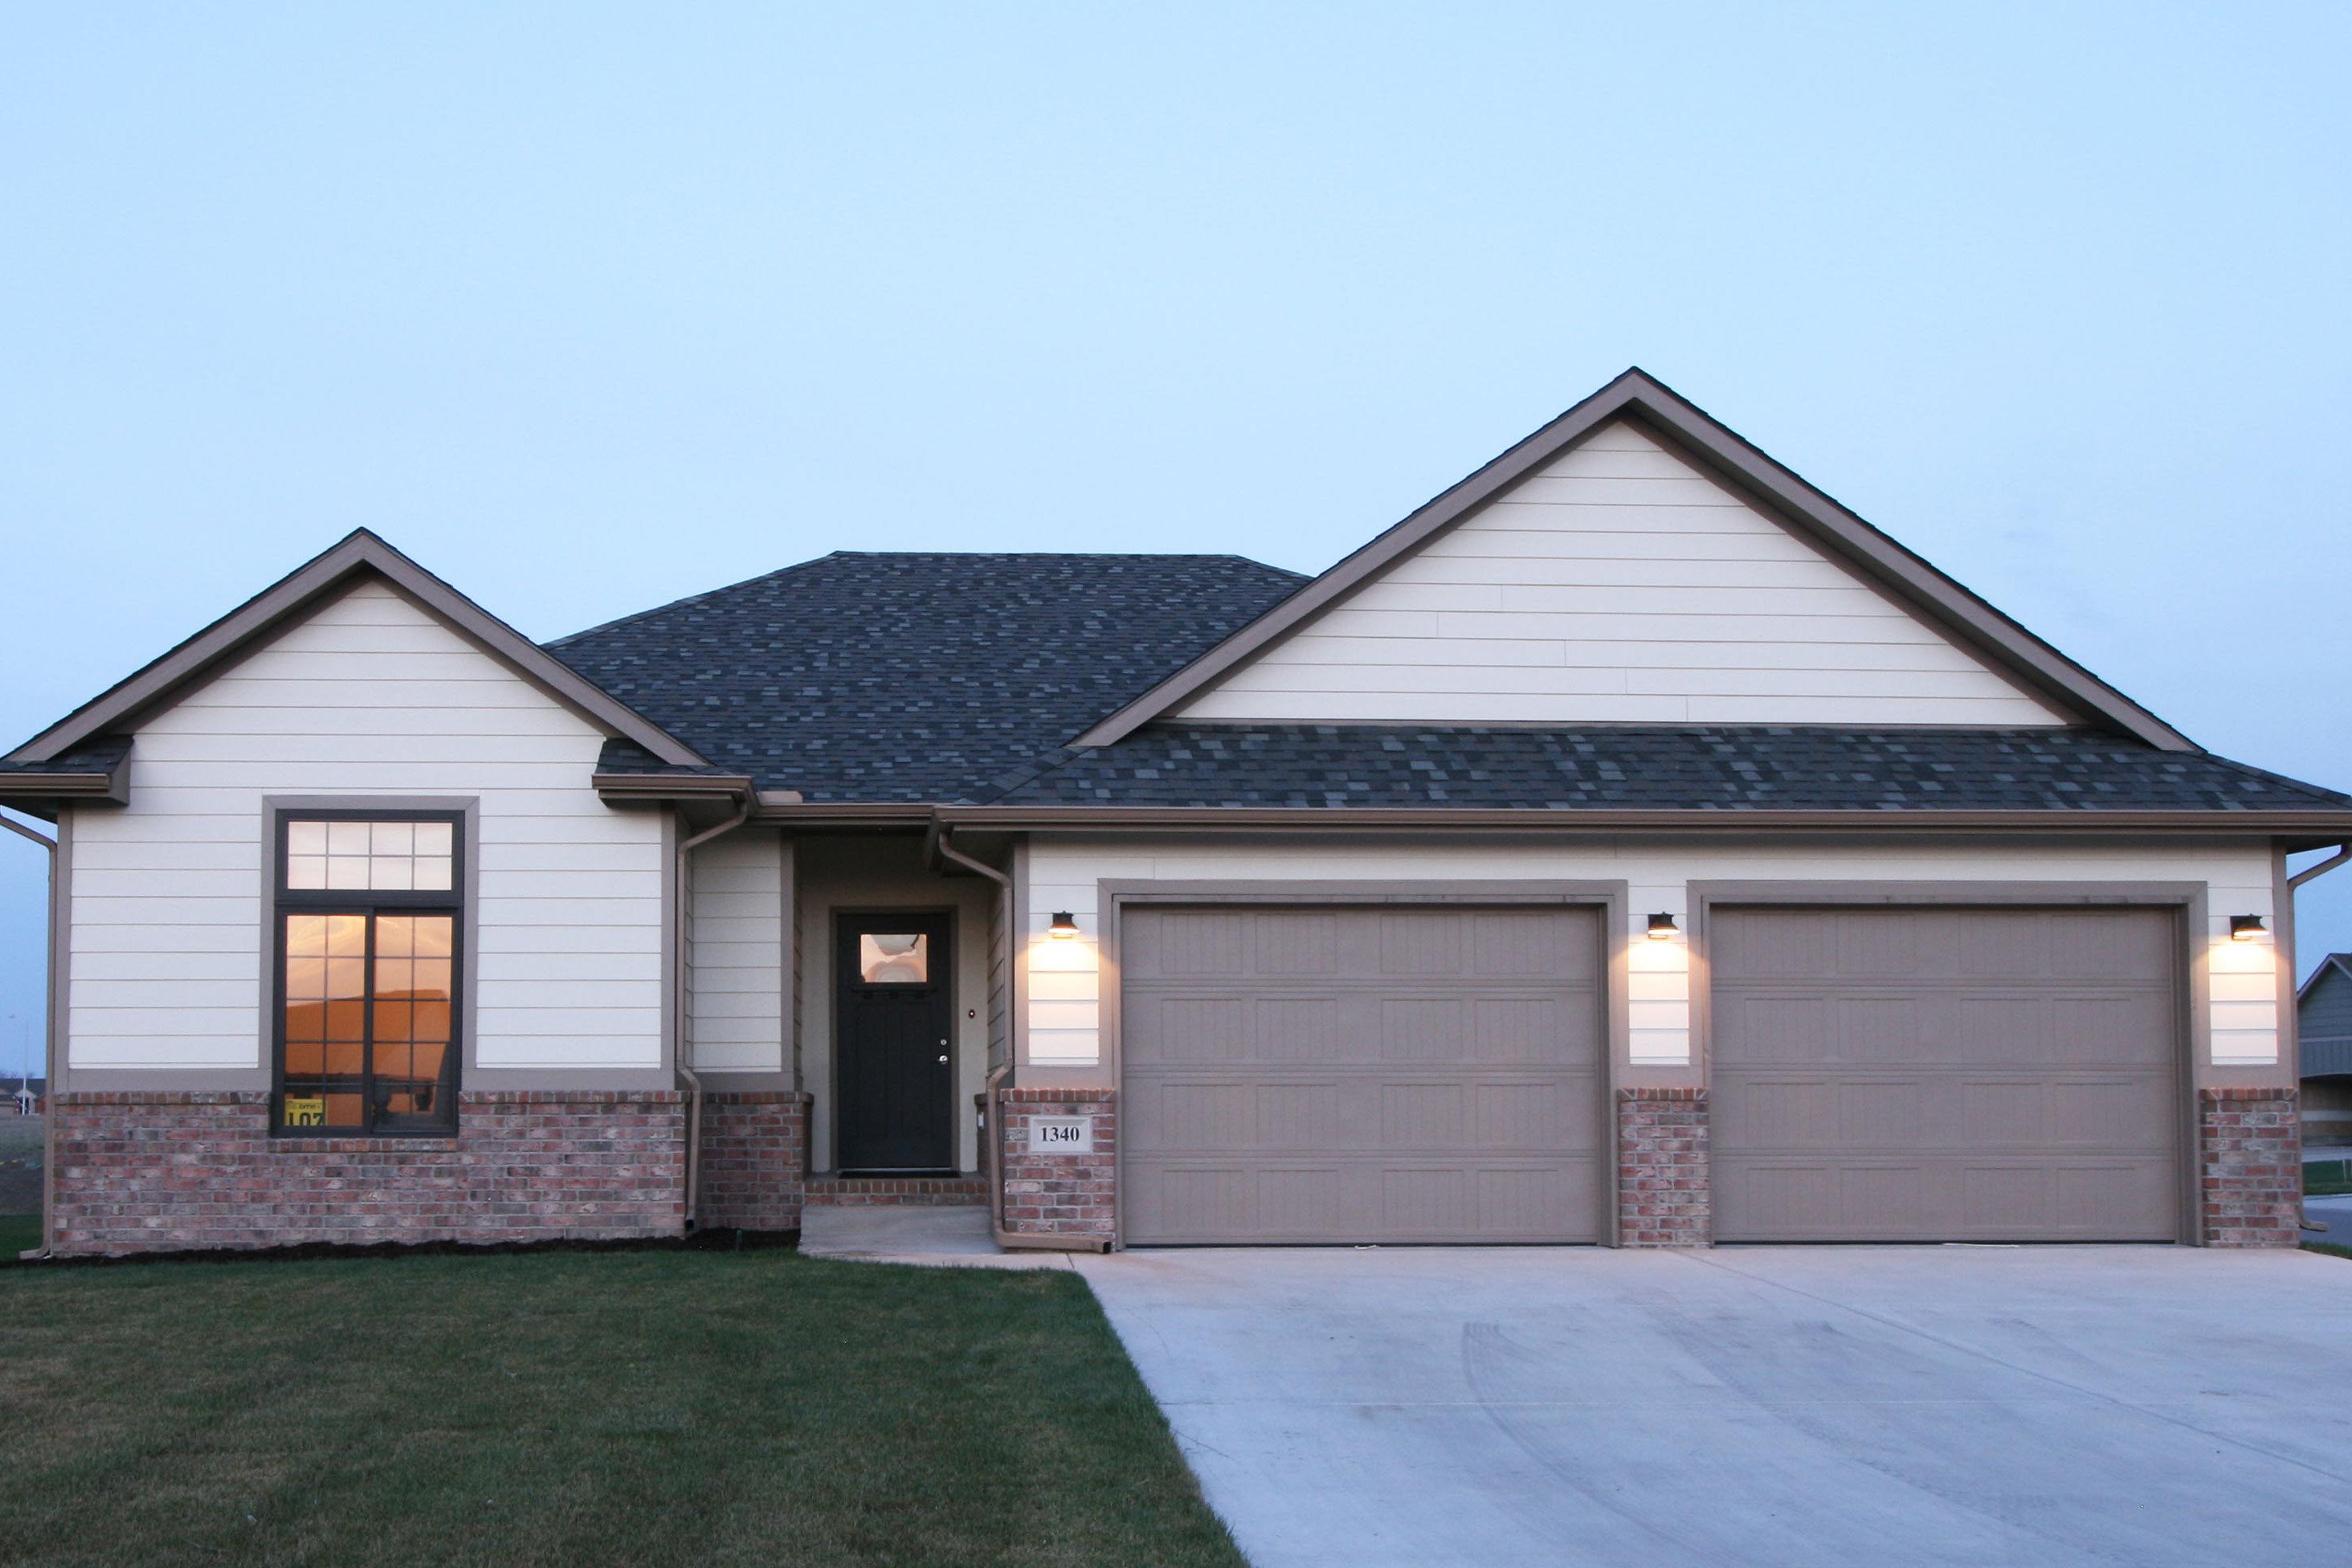 marvelous builders in wichita ks #4: New Homes for Sale Wichita, KS | Build Wichita